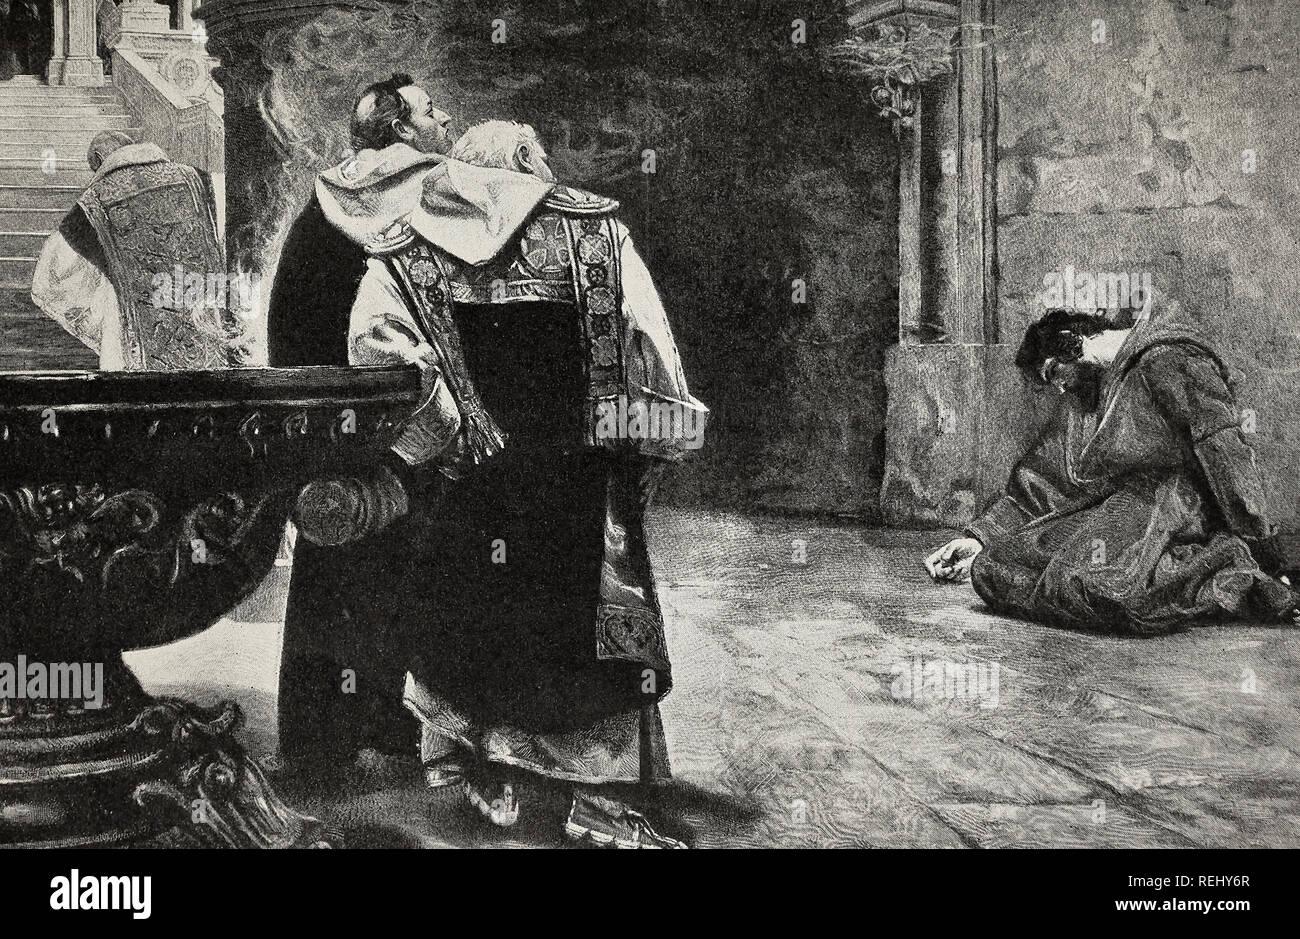 La légende du Pape Urbain IV refusant la grâce au chevalier Tannhauser, 1200s Photo Stock